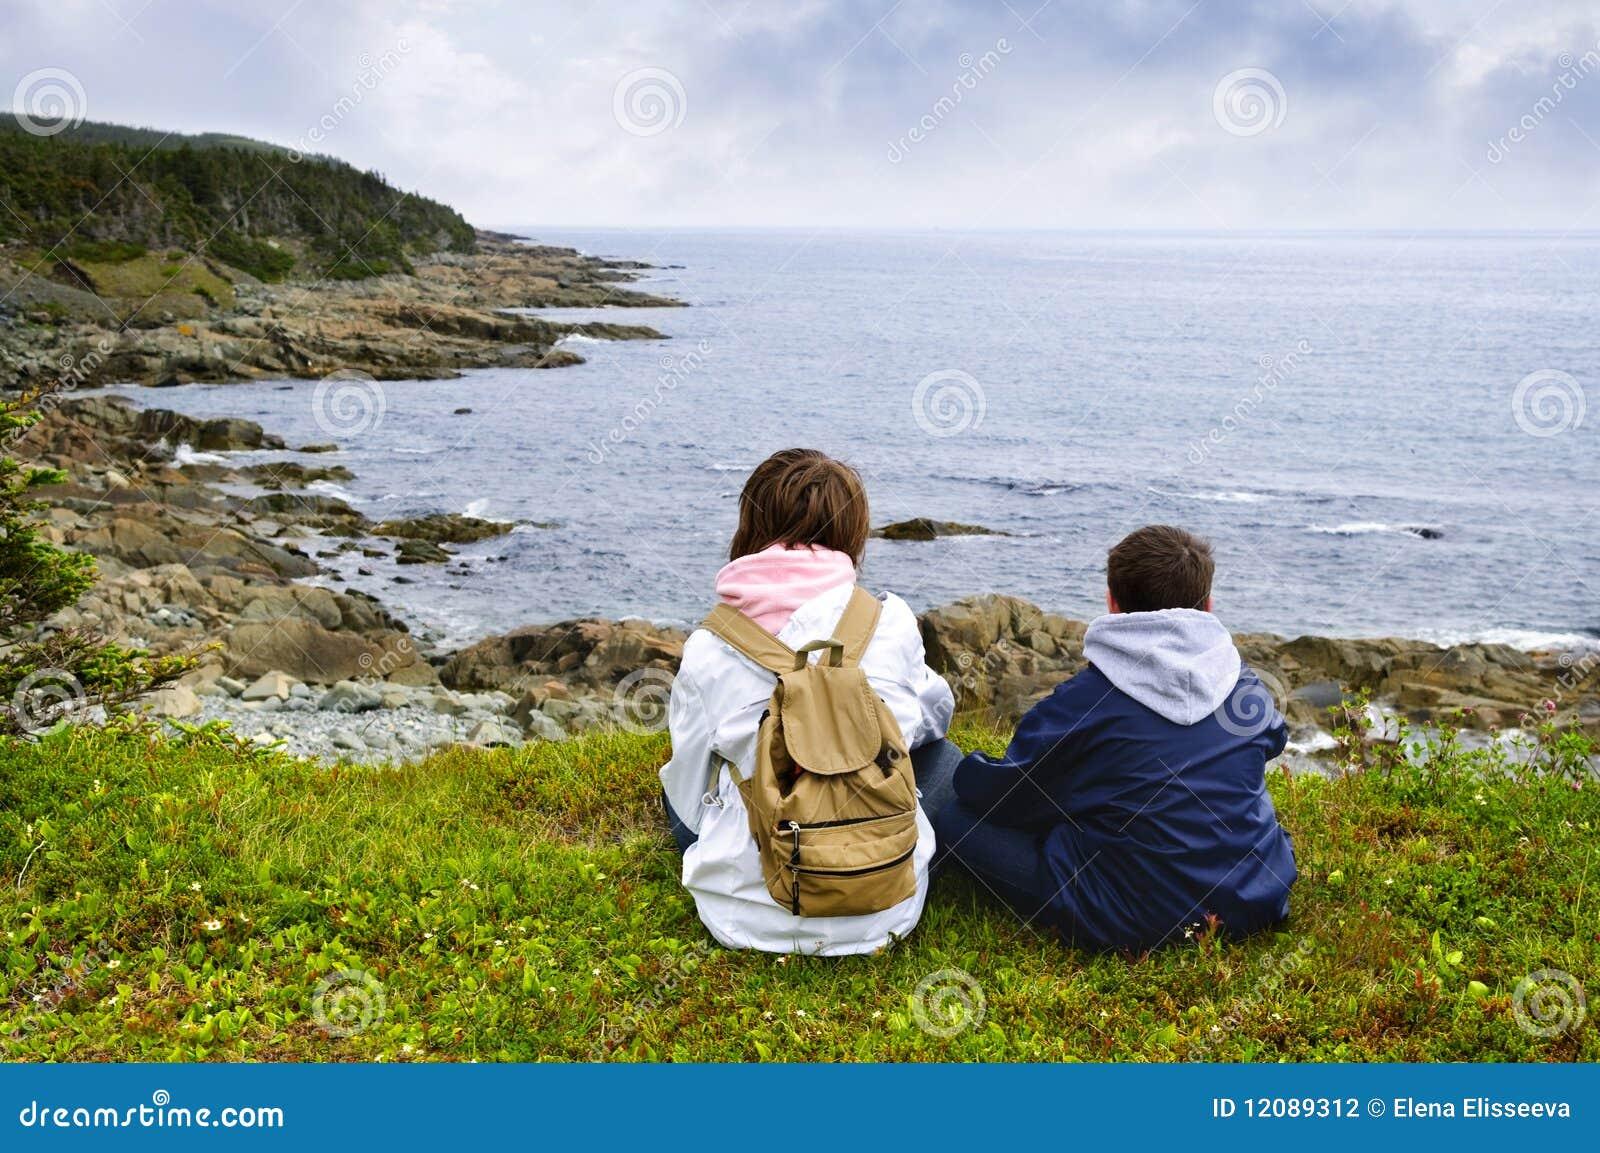 атлантические дети плавают вдоль побережья усаживание newfoundland